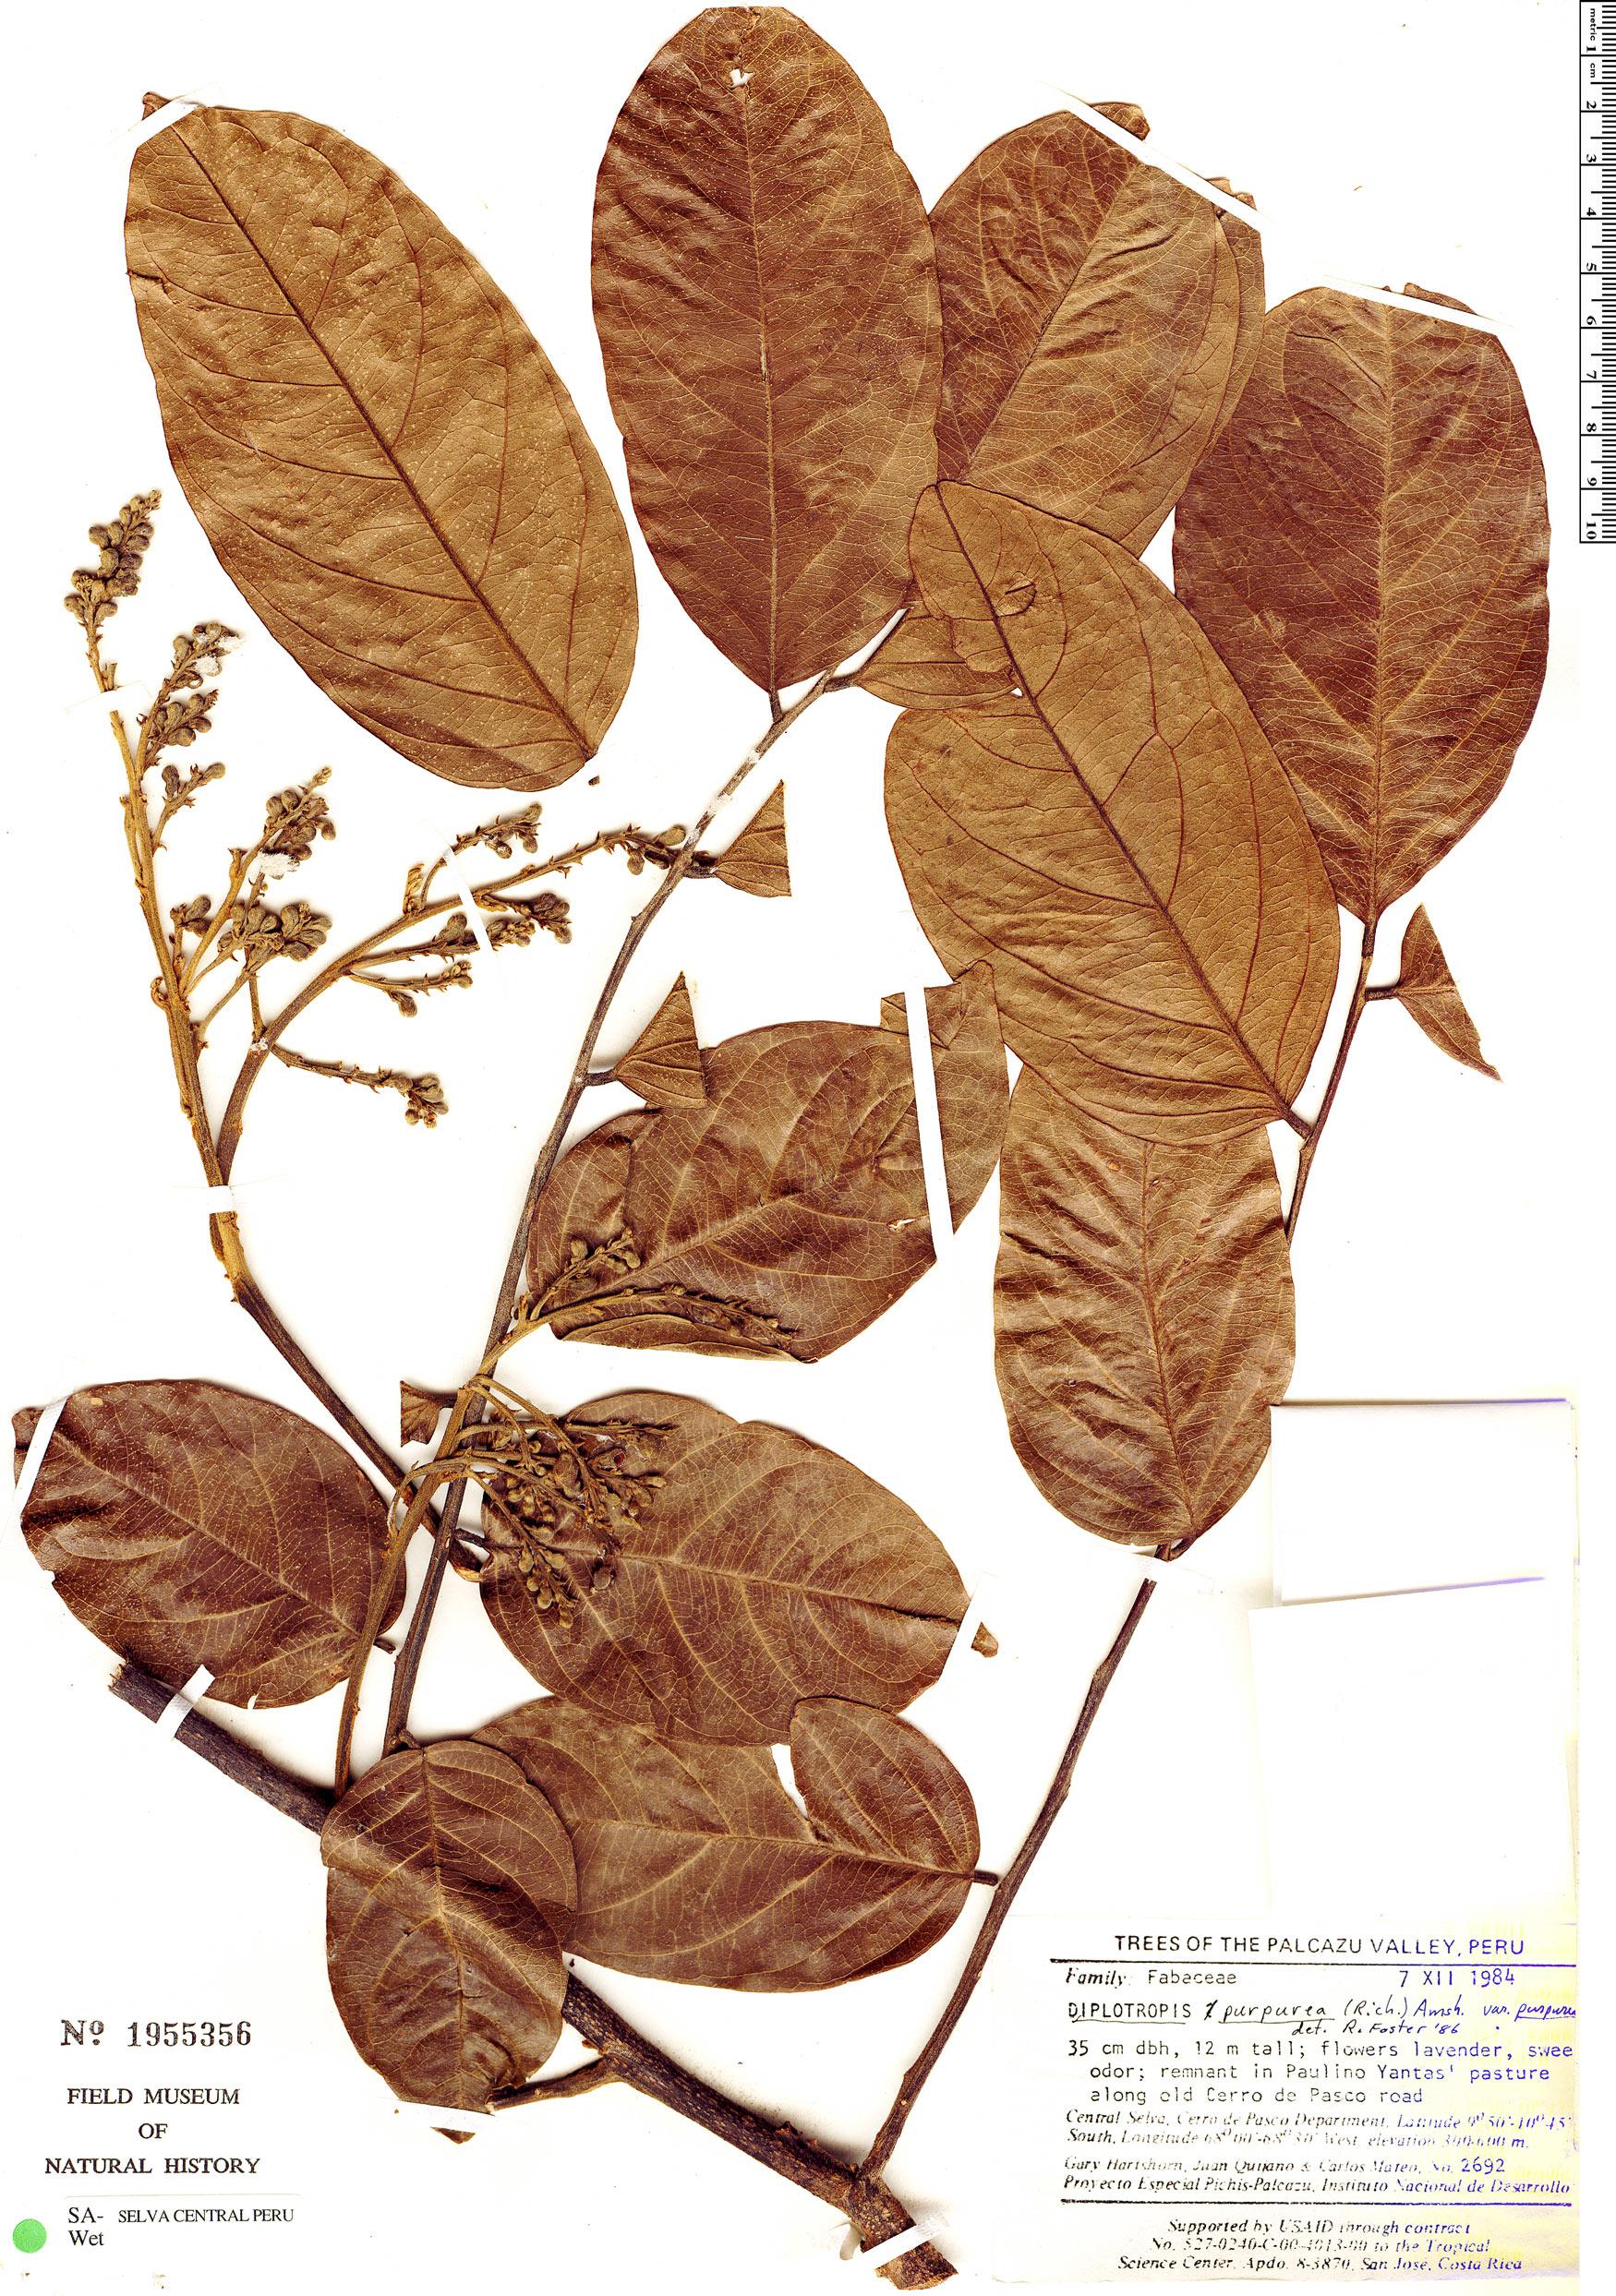 Specimen: Diplotropis purpurea